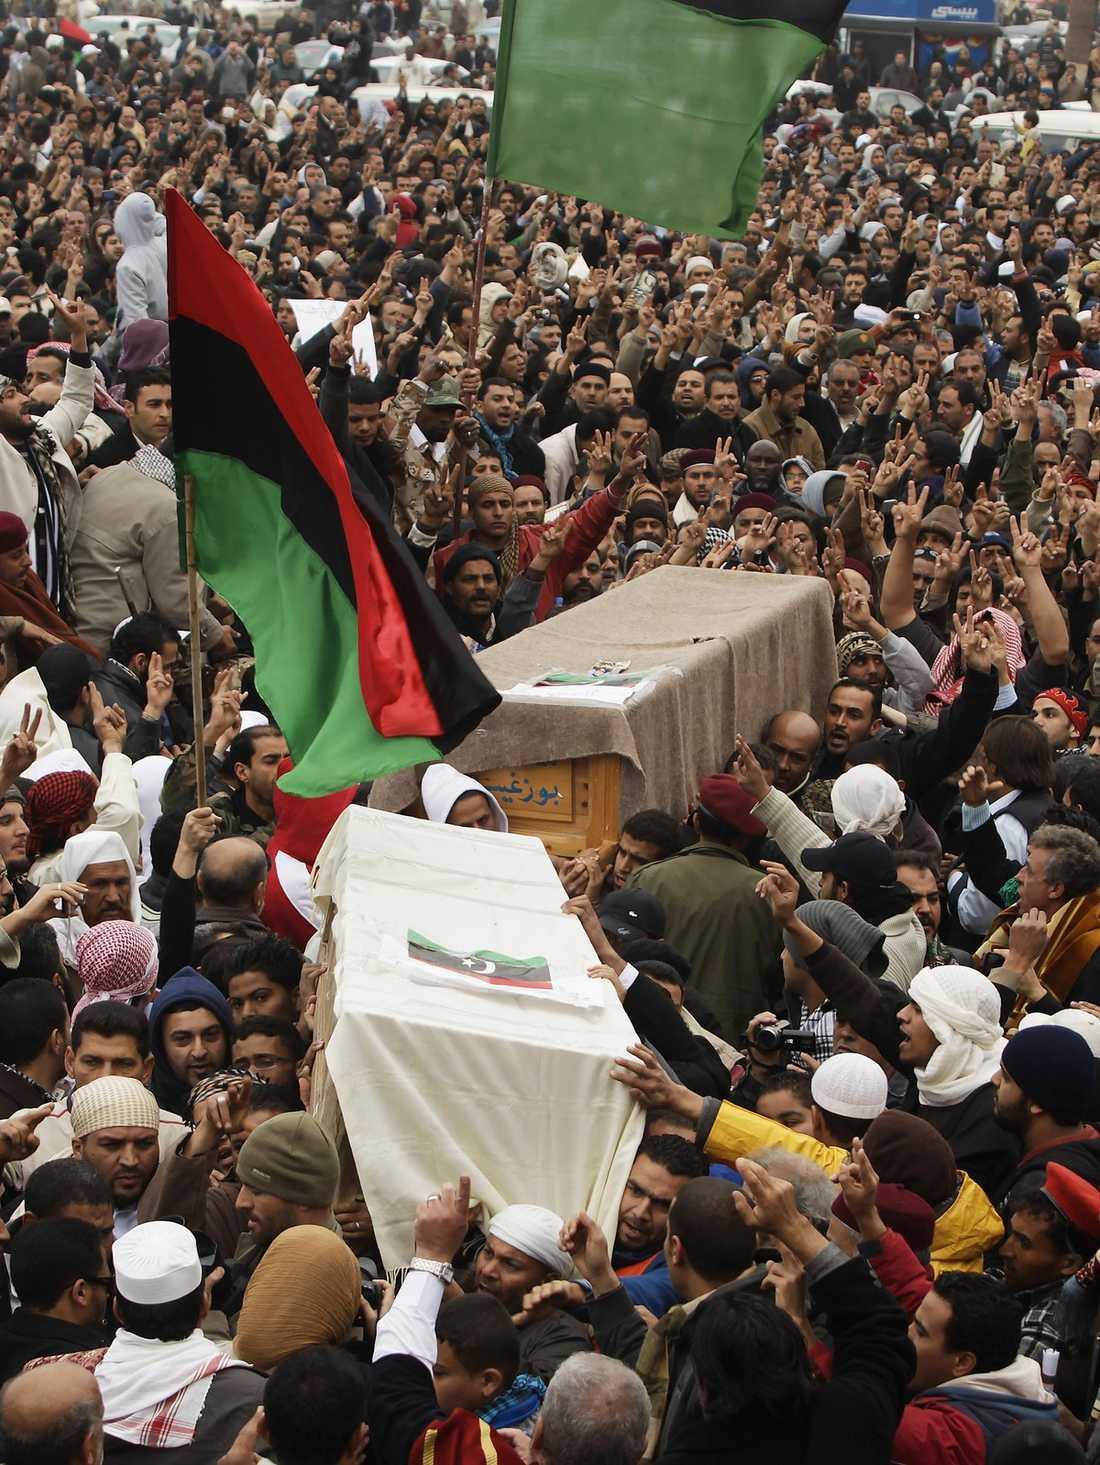 SORG OCH ILSKA I Benghazi sörjer demonstranterna revolutionens senaste dödsoffer. Muammar Gaddafi vägrar att ge upp och nu försöker UD att övertyga svenska medborgare på plats att lämna landet.